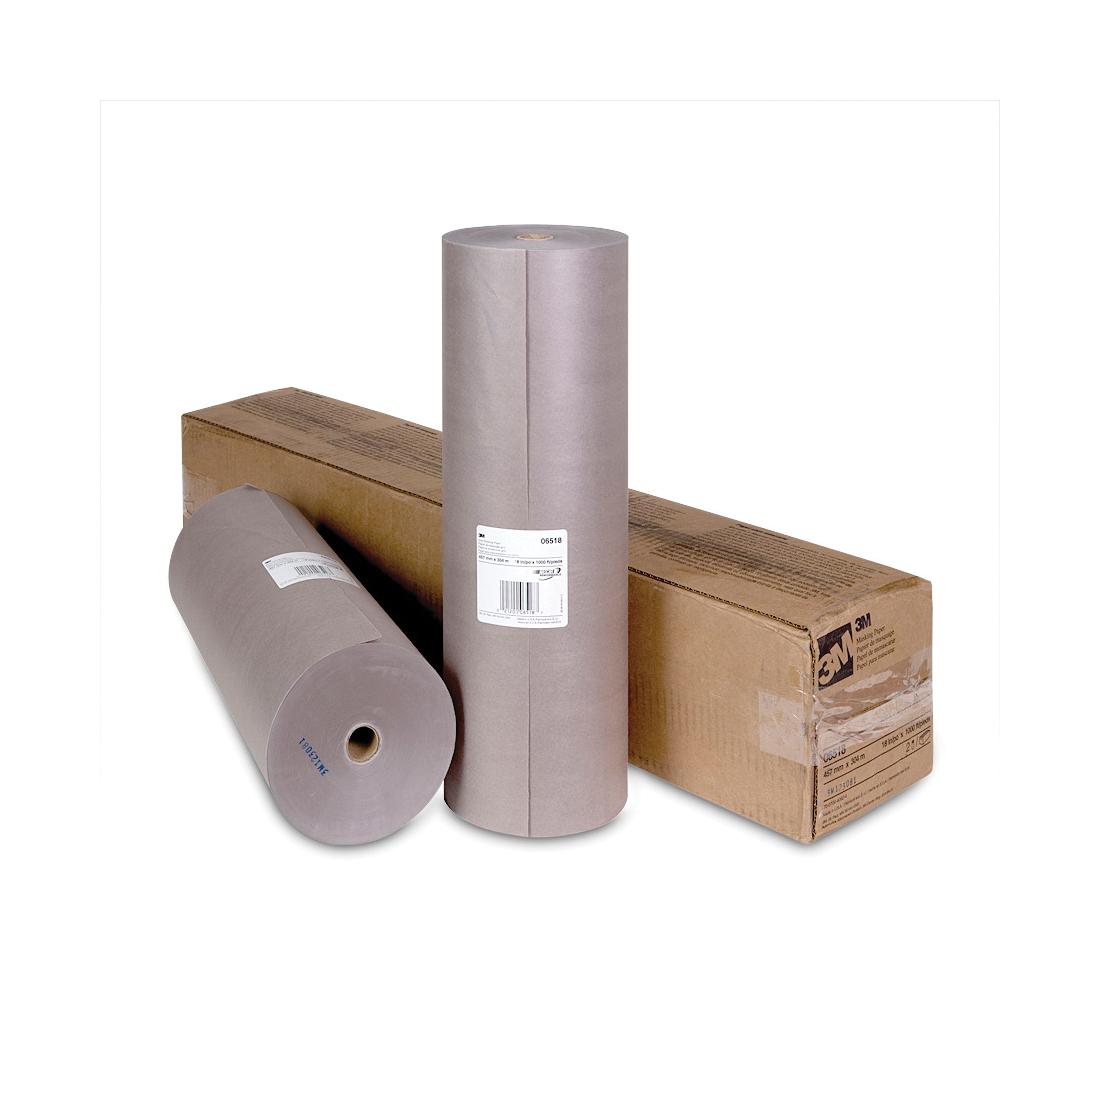 Scotch® 021200-06518 Masking Paper, 1000 ft Roll L x 18 in W x 2.8 mil THK, Paper, Steel Gray